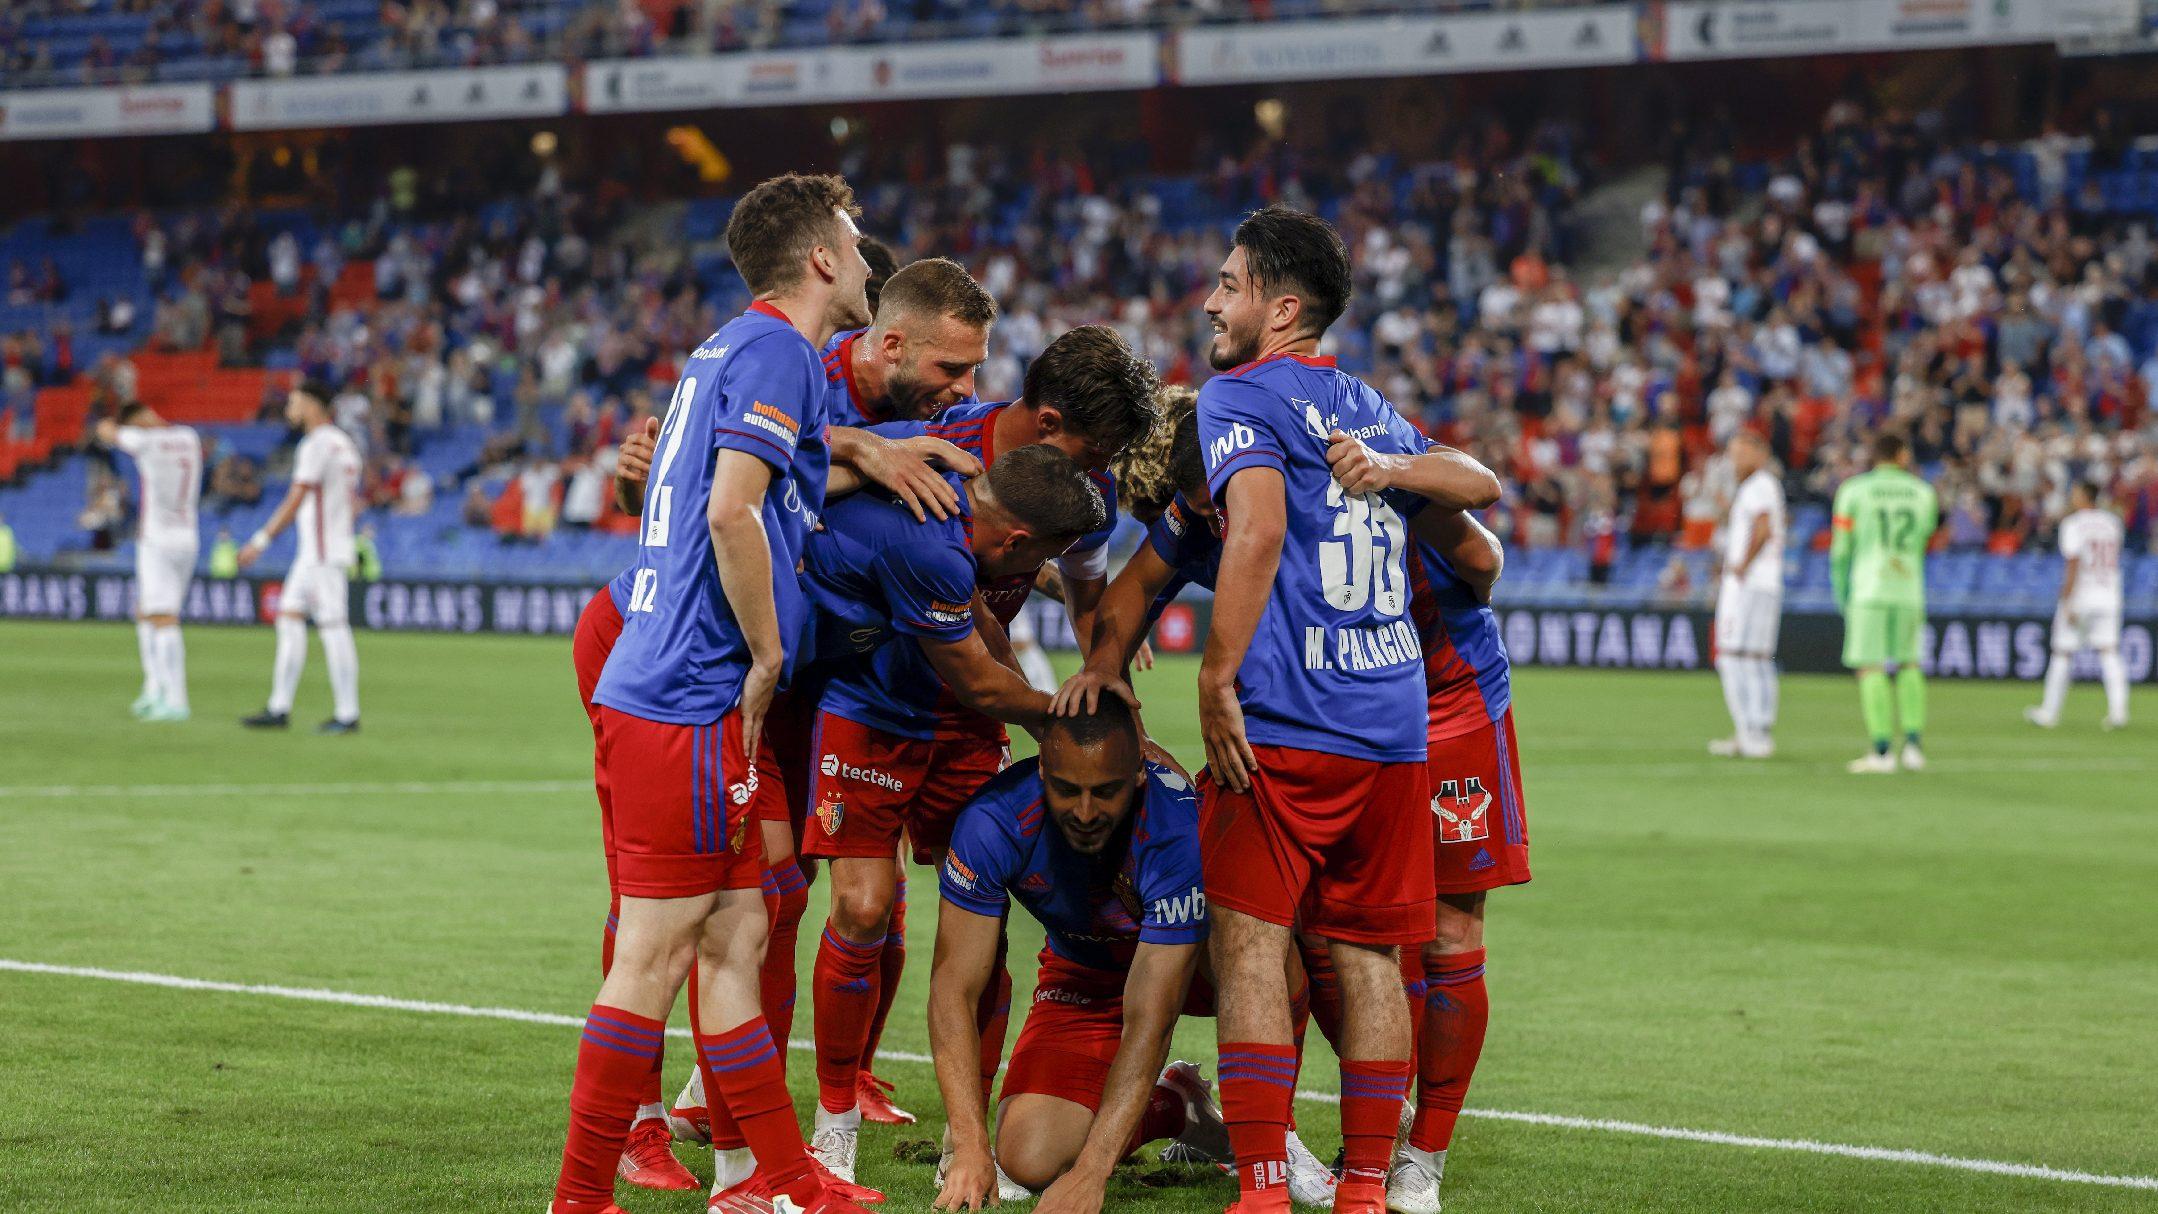 A Basel lesz az Újpest ellenfele az Ekl harmadik fordulójában